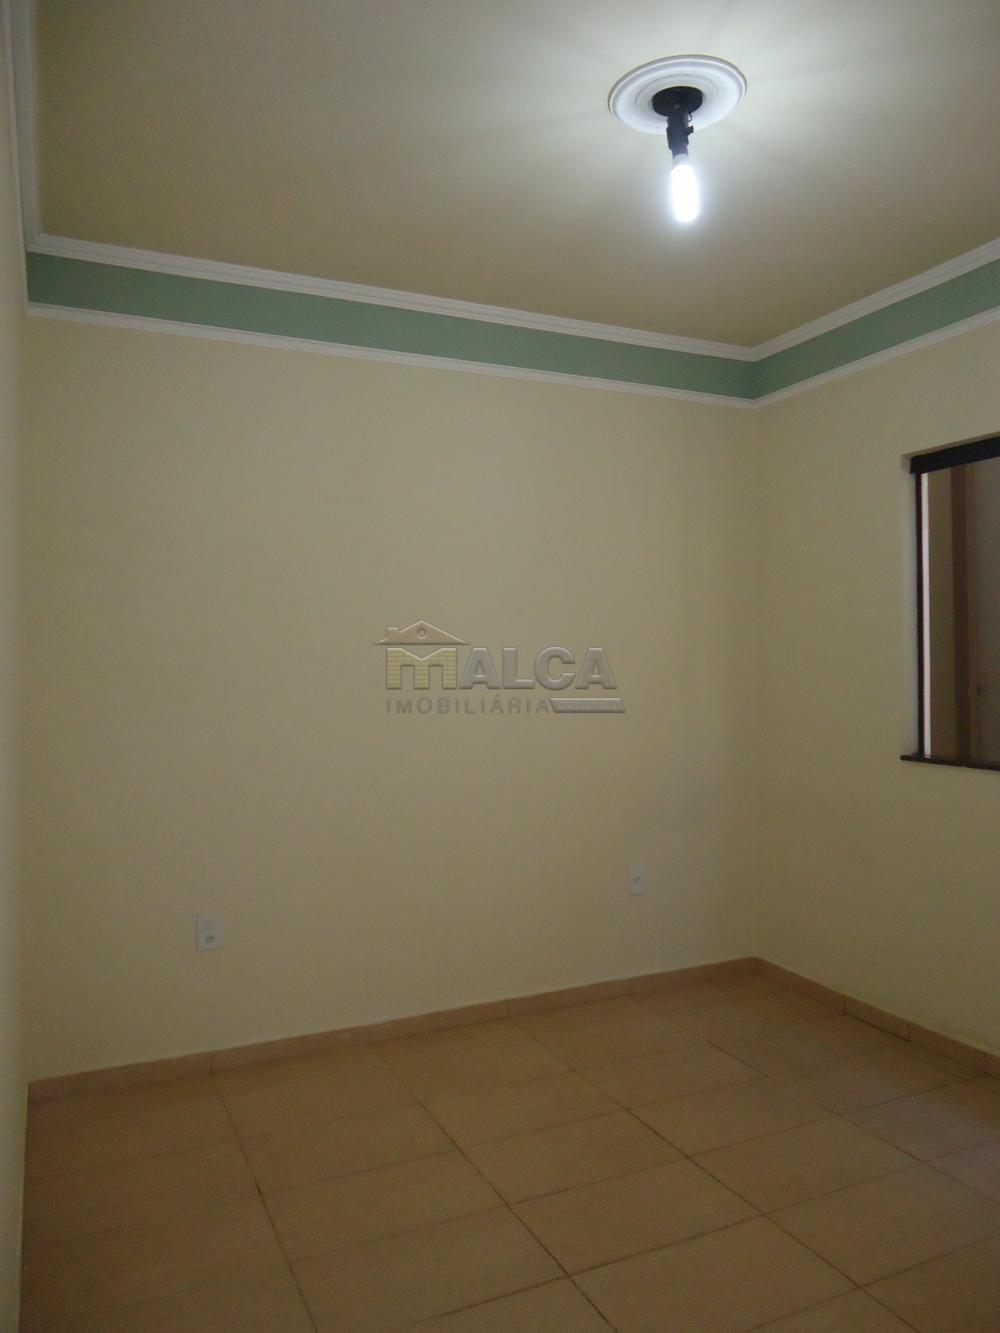 Alugar Casas / Padrão em São José do Rio Pardo R$ 1.500,00 - Foto 24